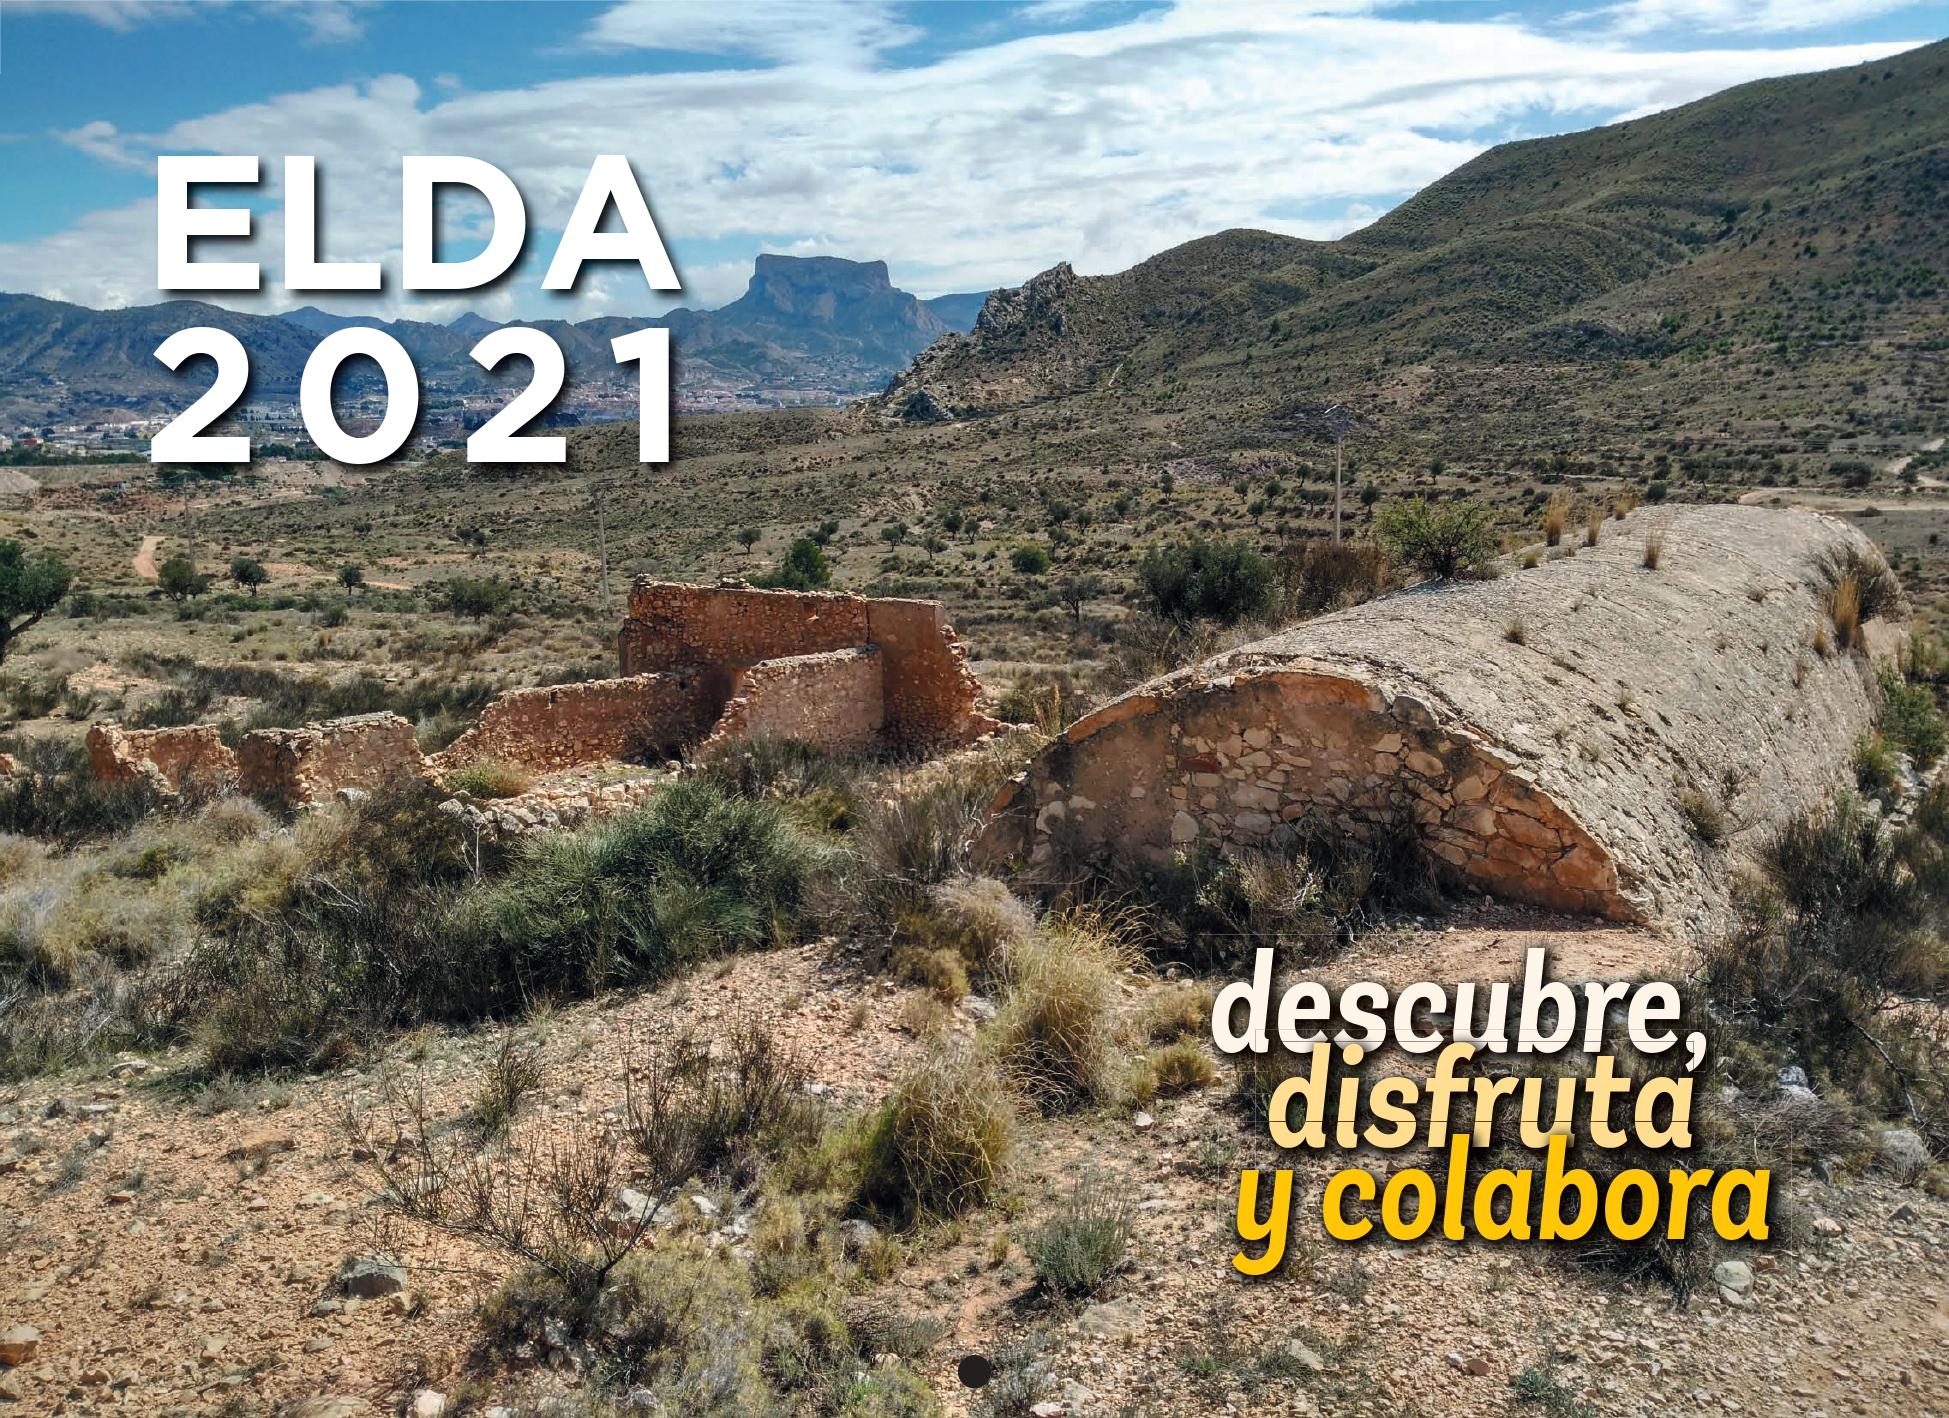 La Concejalía de Medio Ambiente edita y distribuye el calendario 2021 'Elda, descubre, disfruta y colabora'